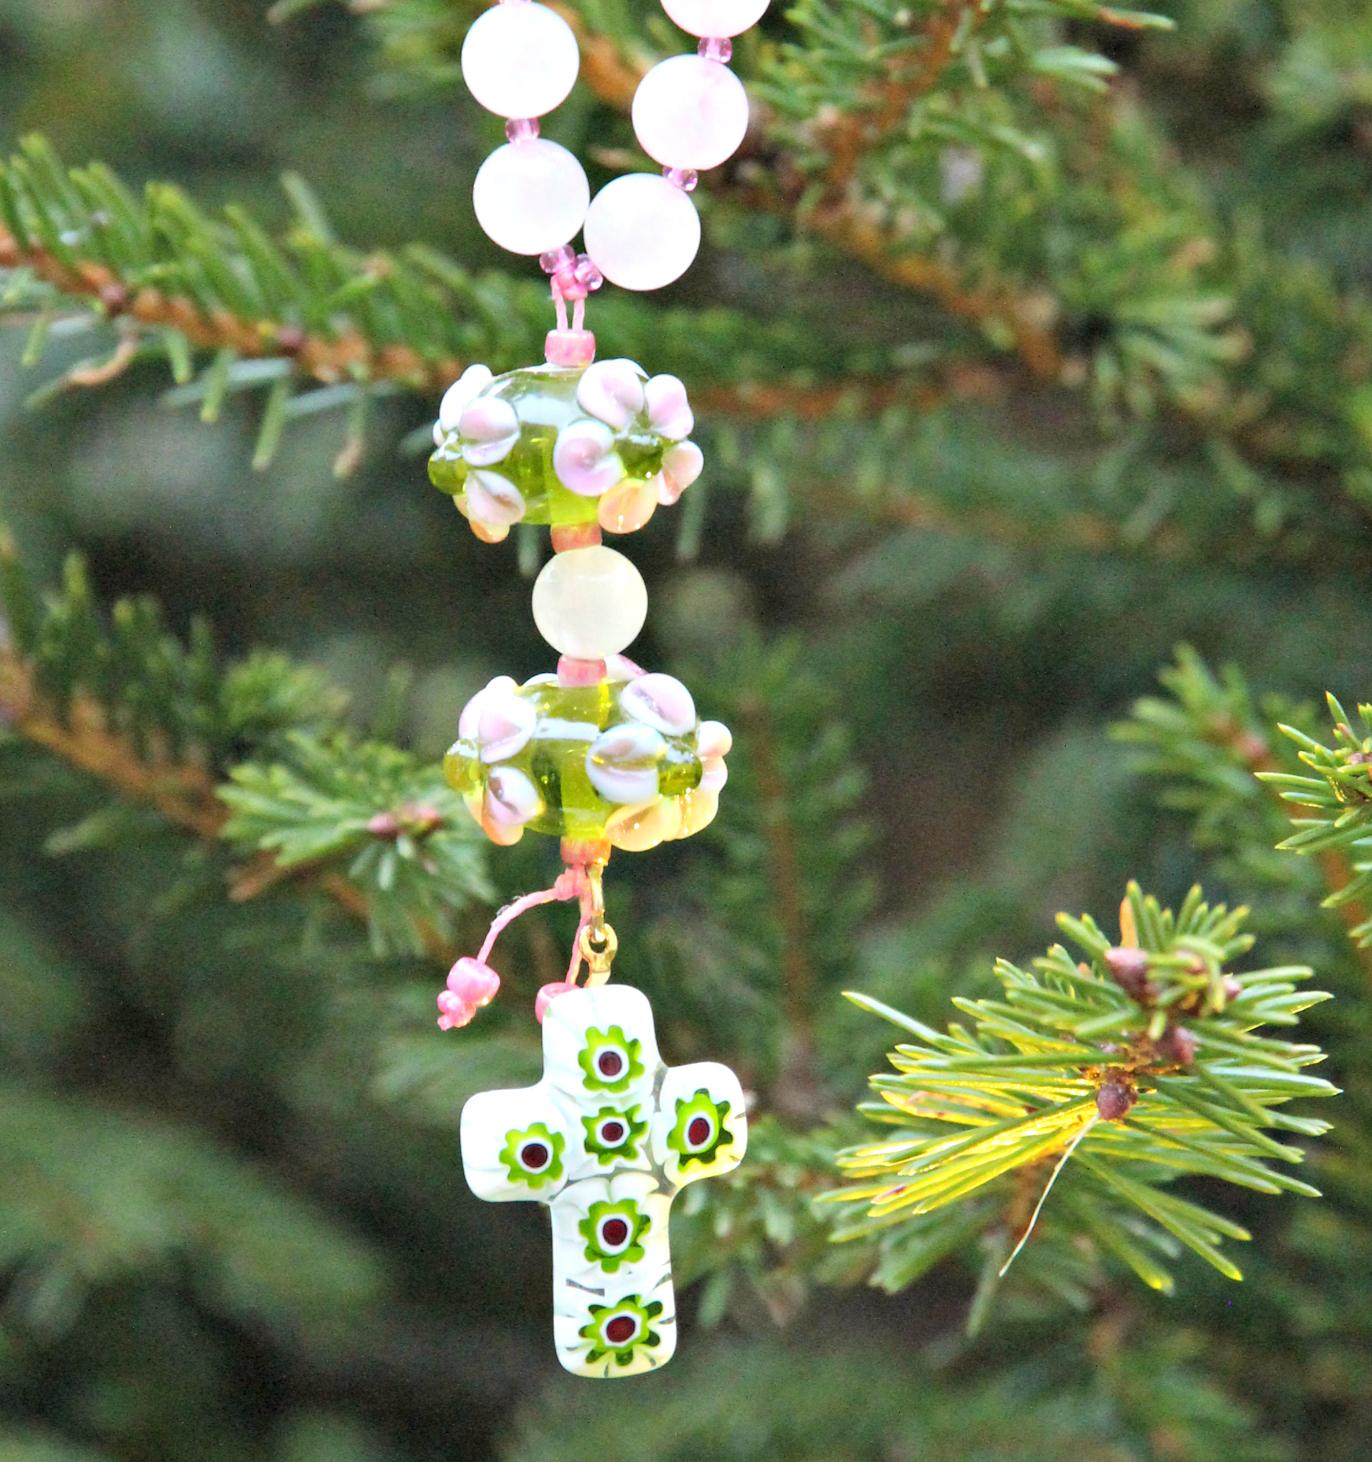 Titin uniikin rukousnauhan vihreä-pinkit lasihelmet ja risti roikkuvat kuusen oksalla